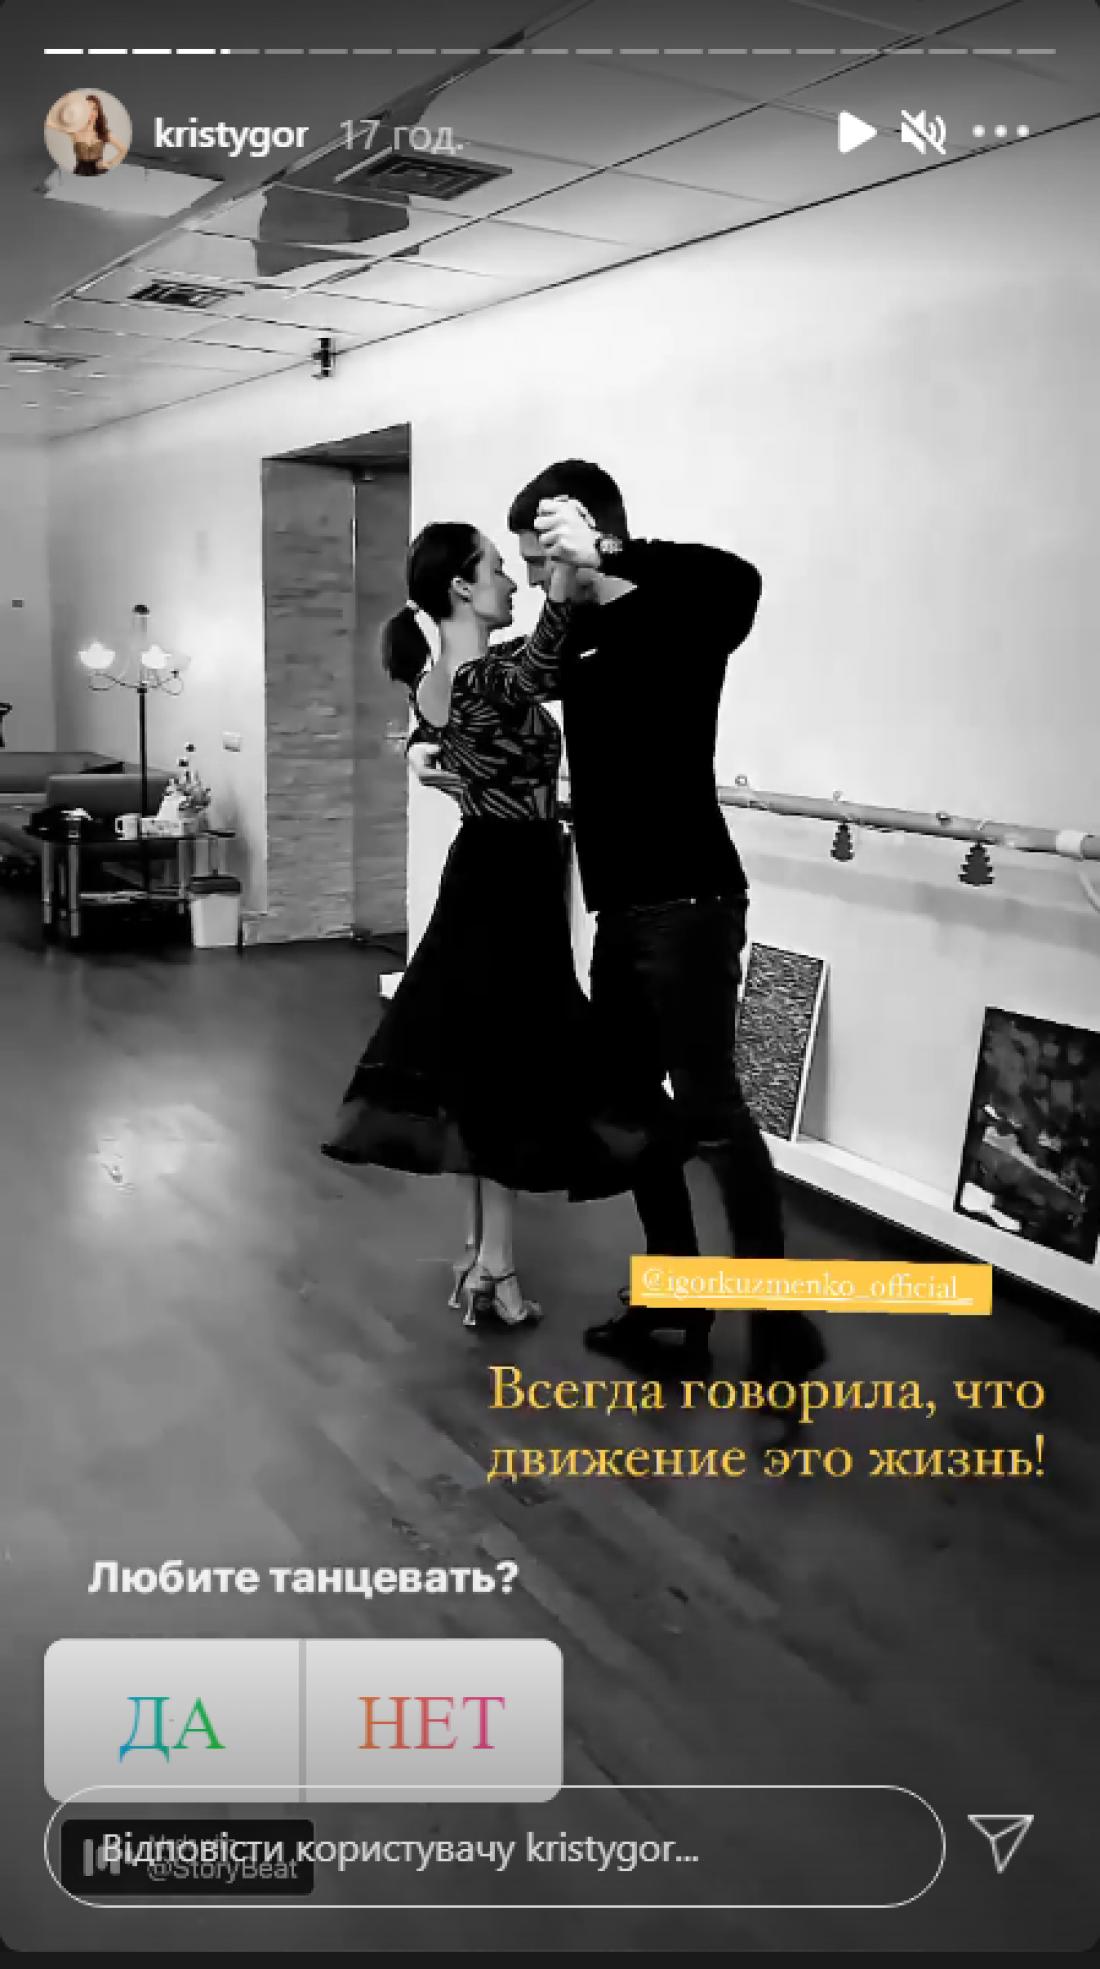 Жена Остапчука засветилась в объятиях победителя